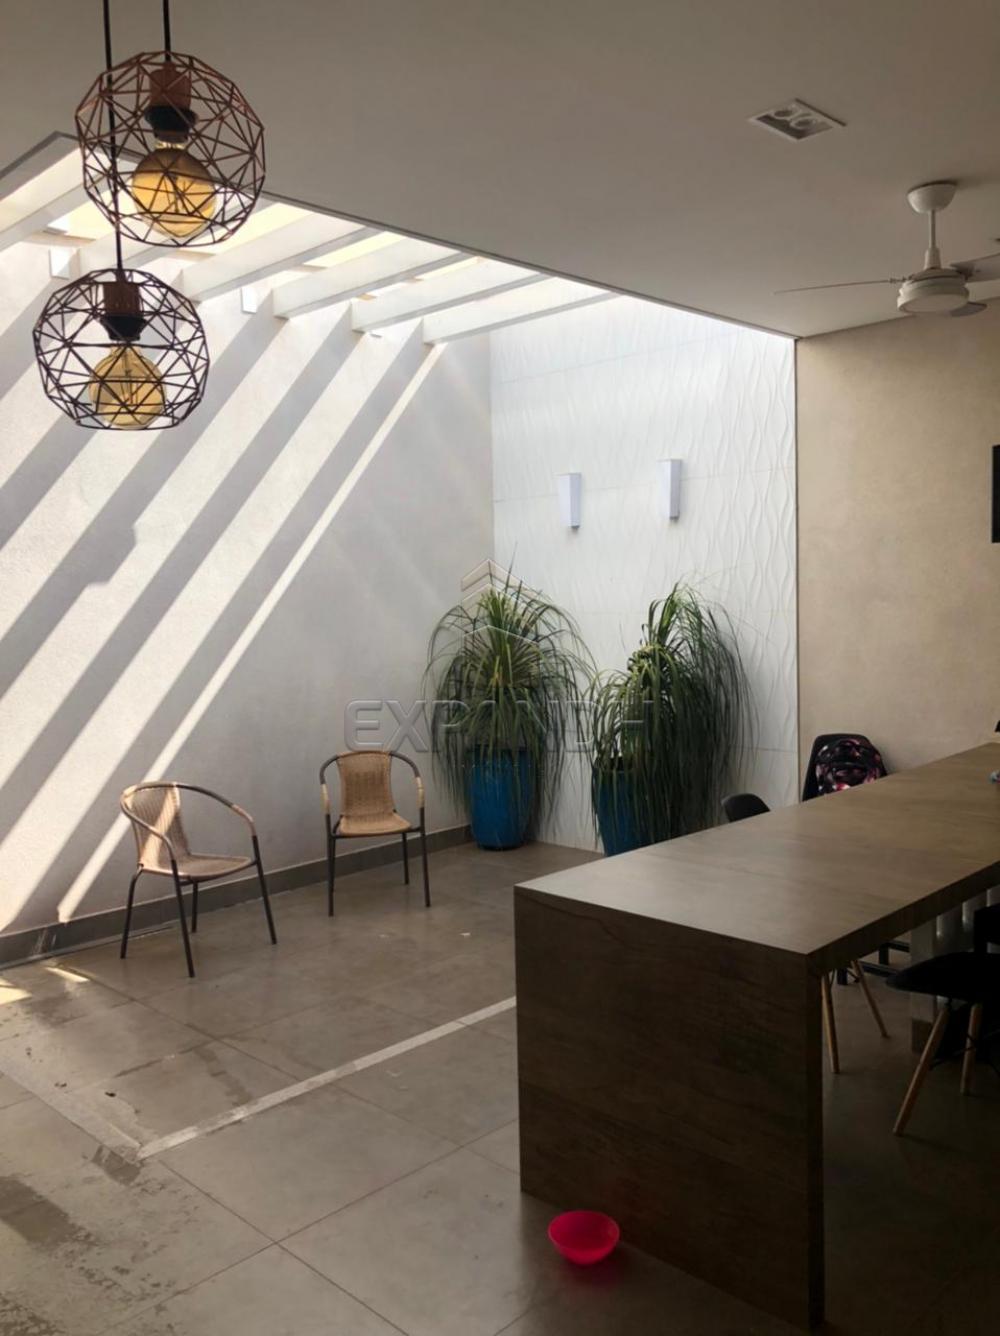 Comprar Casas / Condomínio em Sertãozinho R$ 530.000,00 - Foto 9